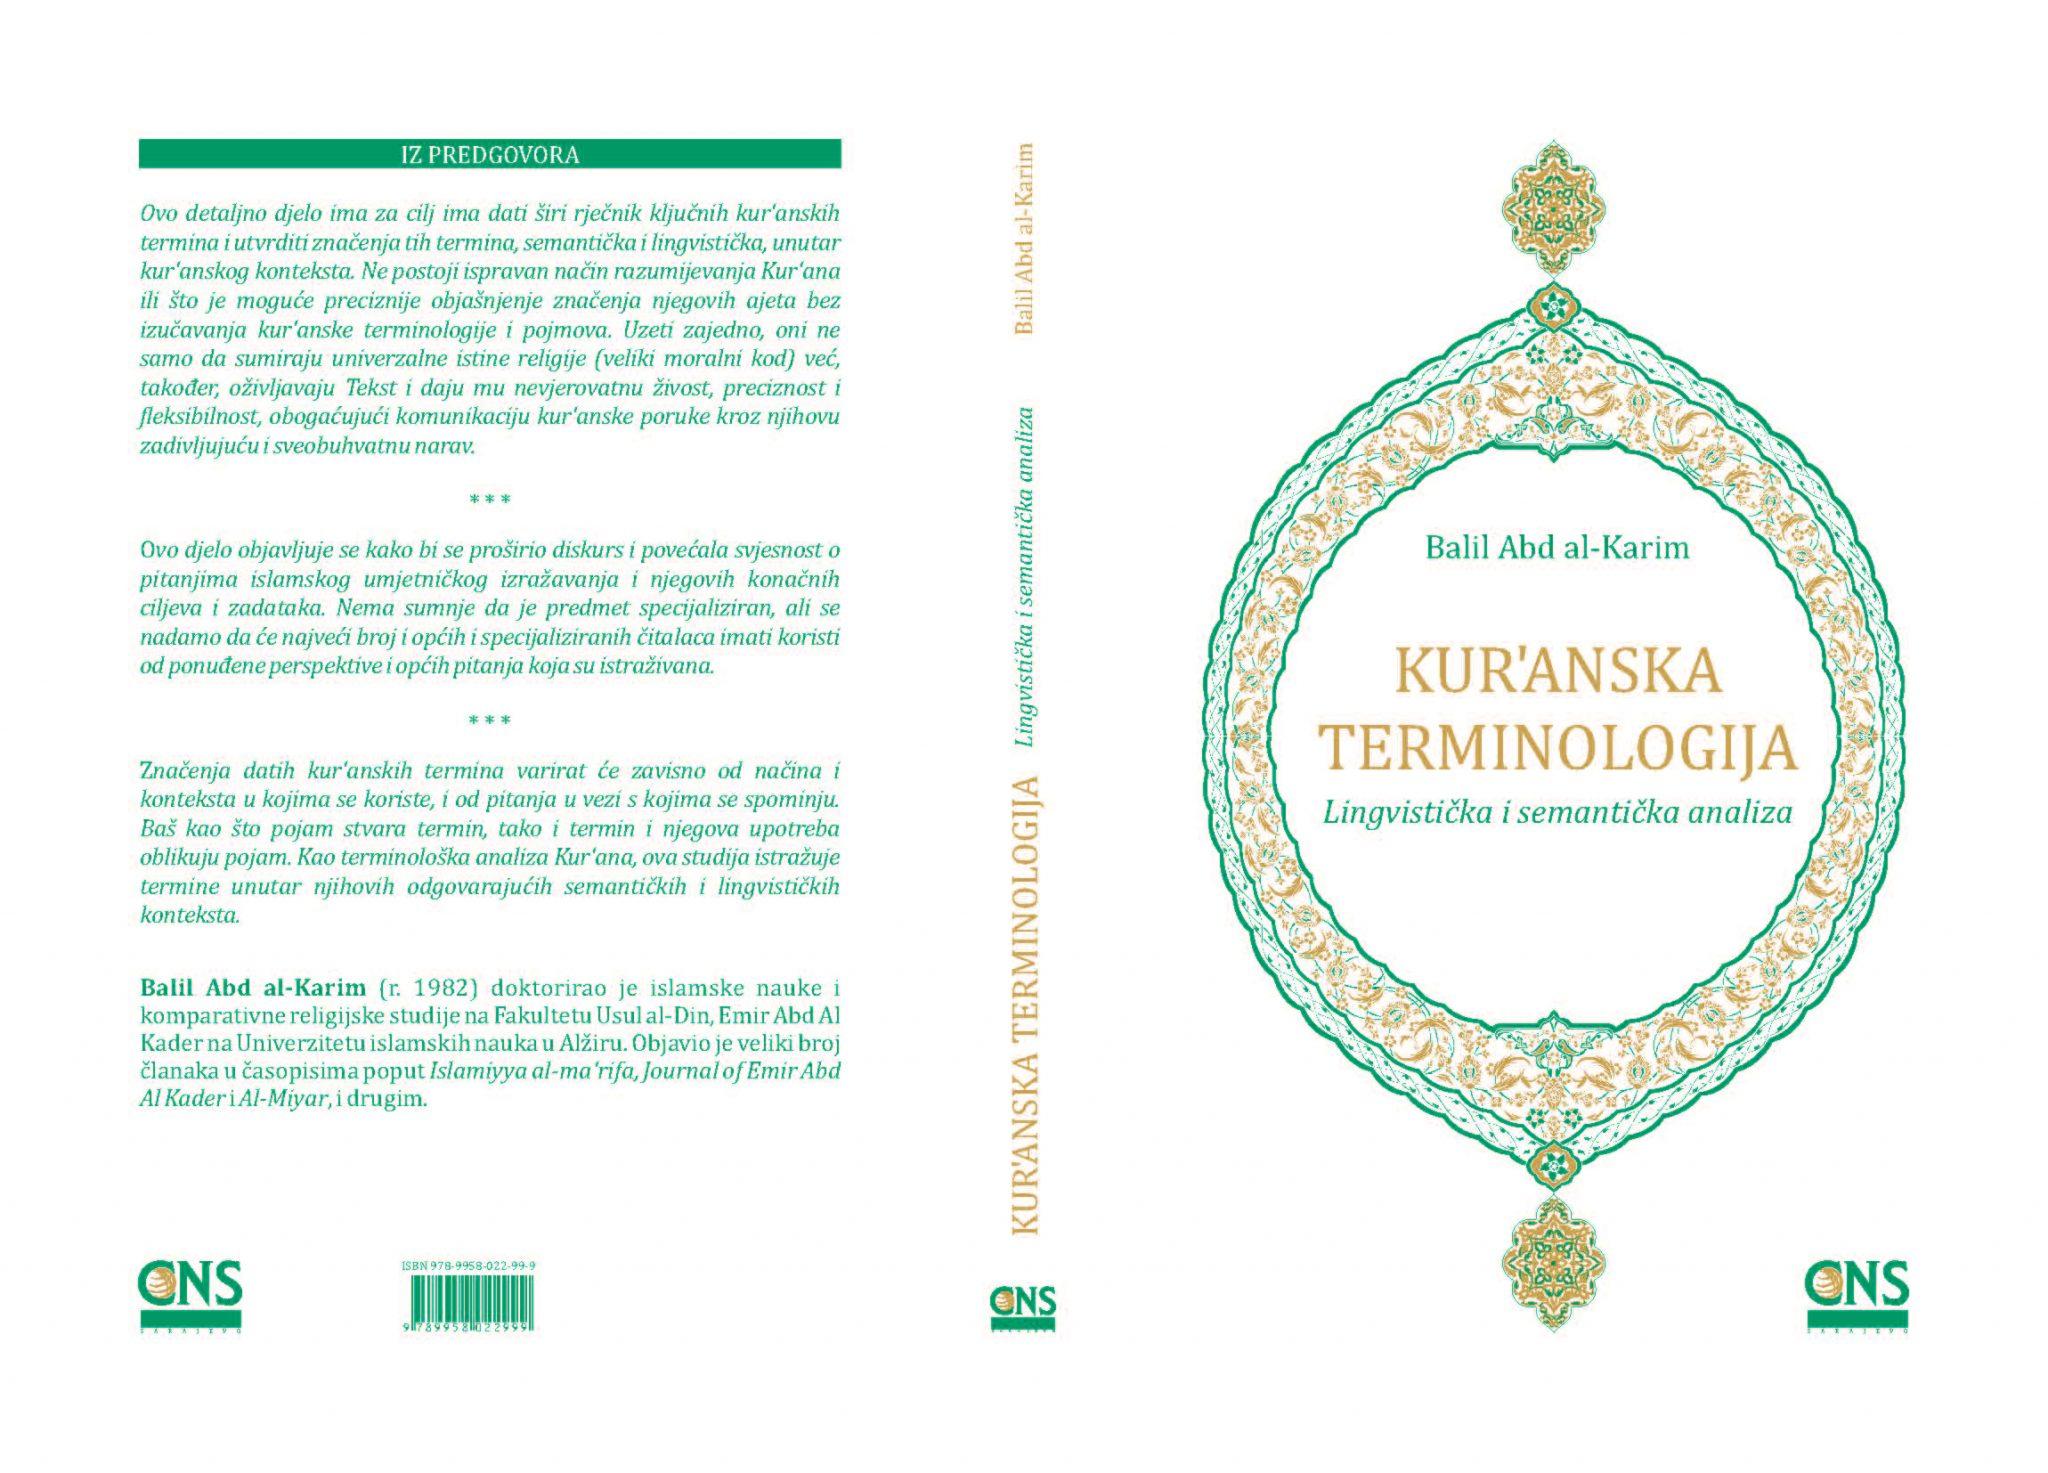 Novo izdanje: Kur'anska terminologija (lingvistička i semantička analiza)